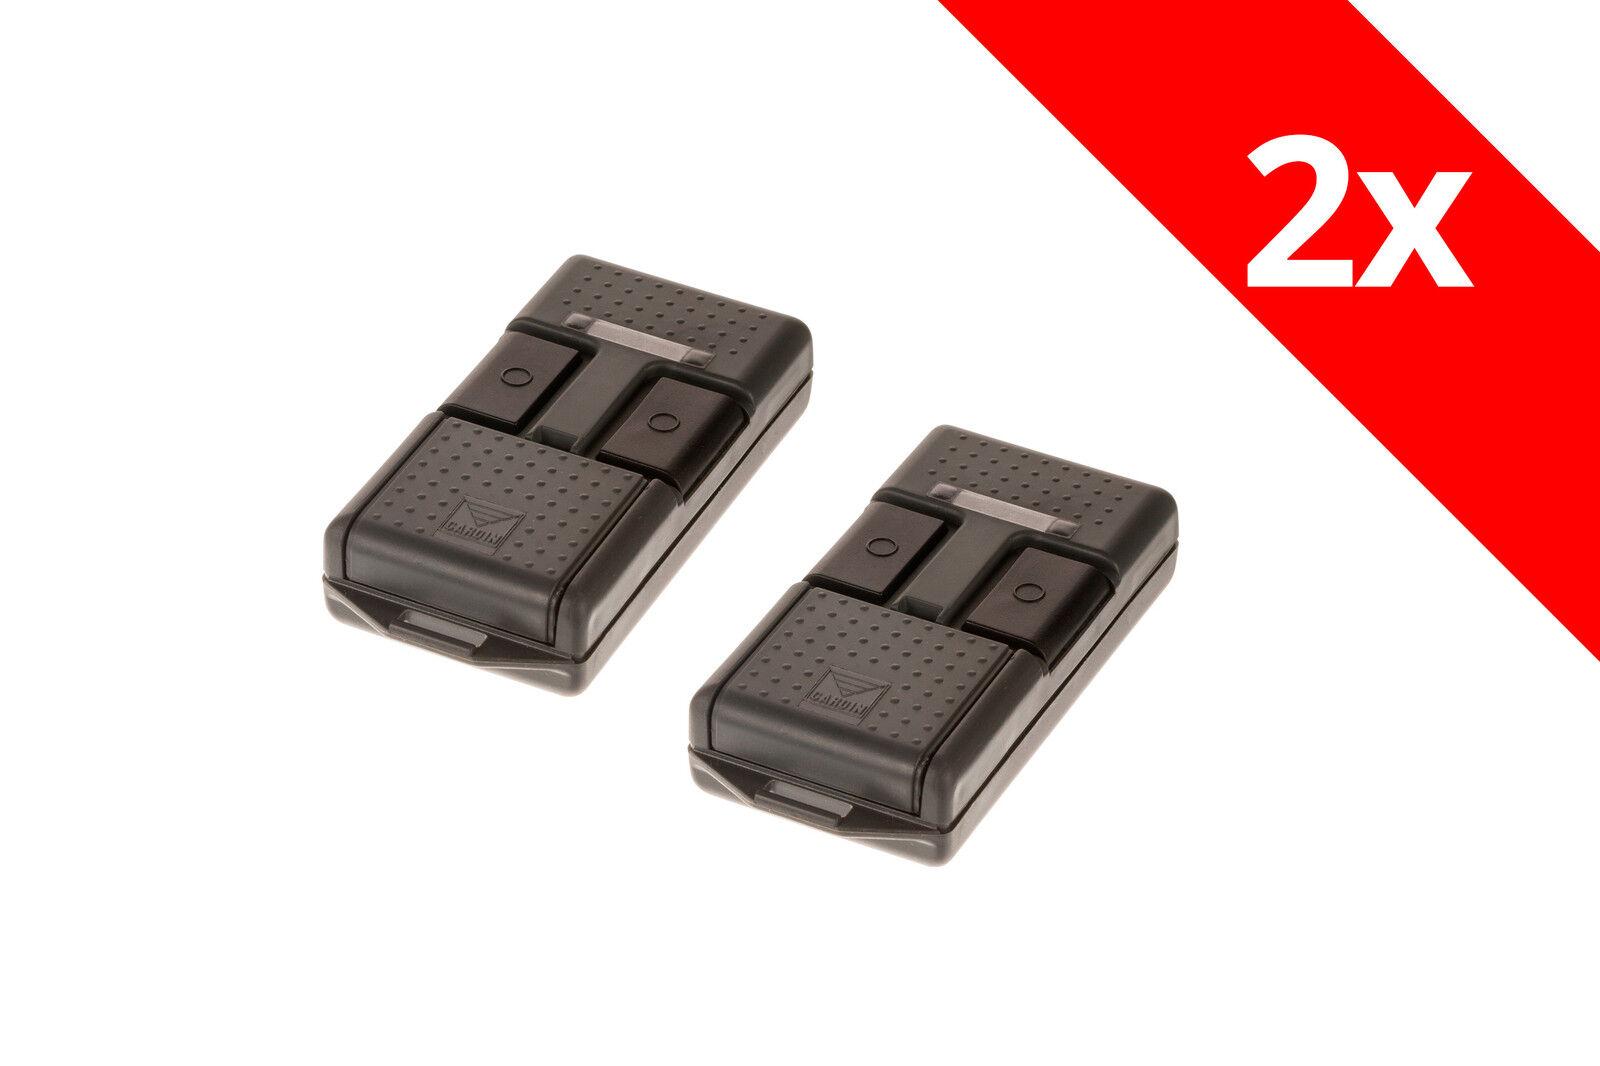 2 Cardin Handsender S466 TX2 S466-TX2 27,195 Mhz 2-Befehl 2-Befehl 2-Befehl TRQ466200 def014